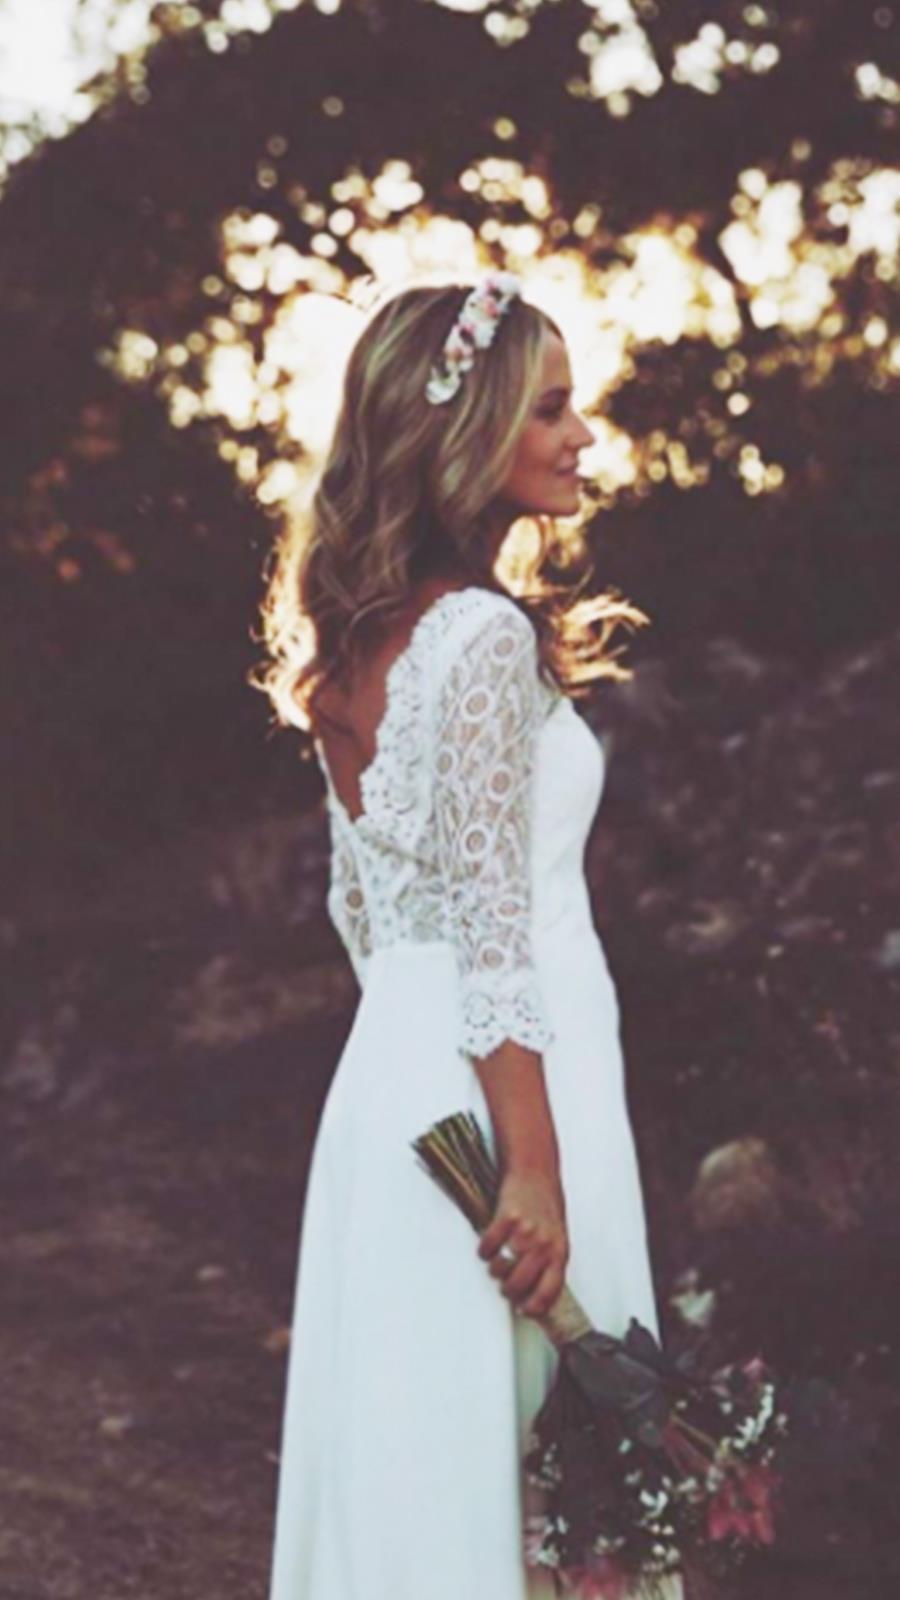 5920996f7 Vestido de novia de segunda mano de Celebratuboda.com. Encuentra el vestido  de novia